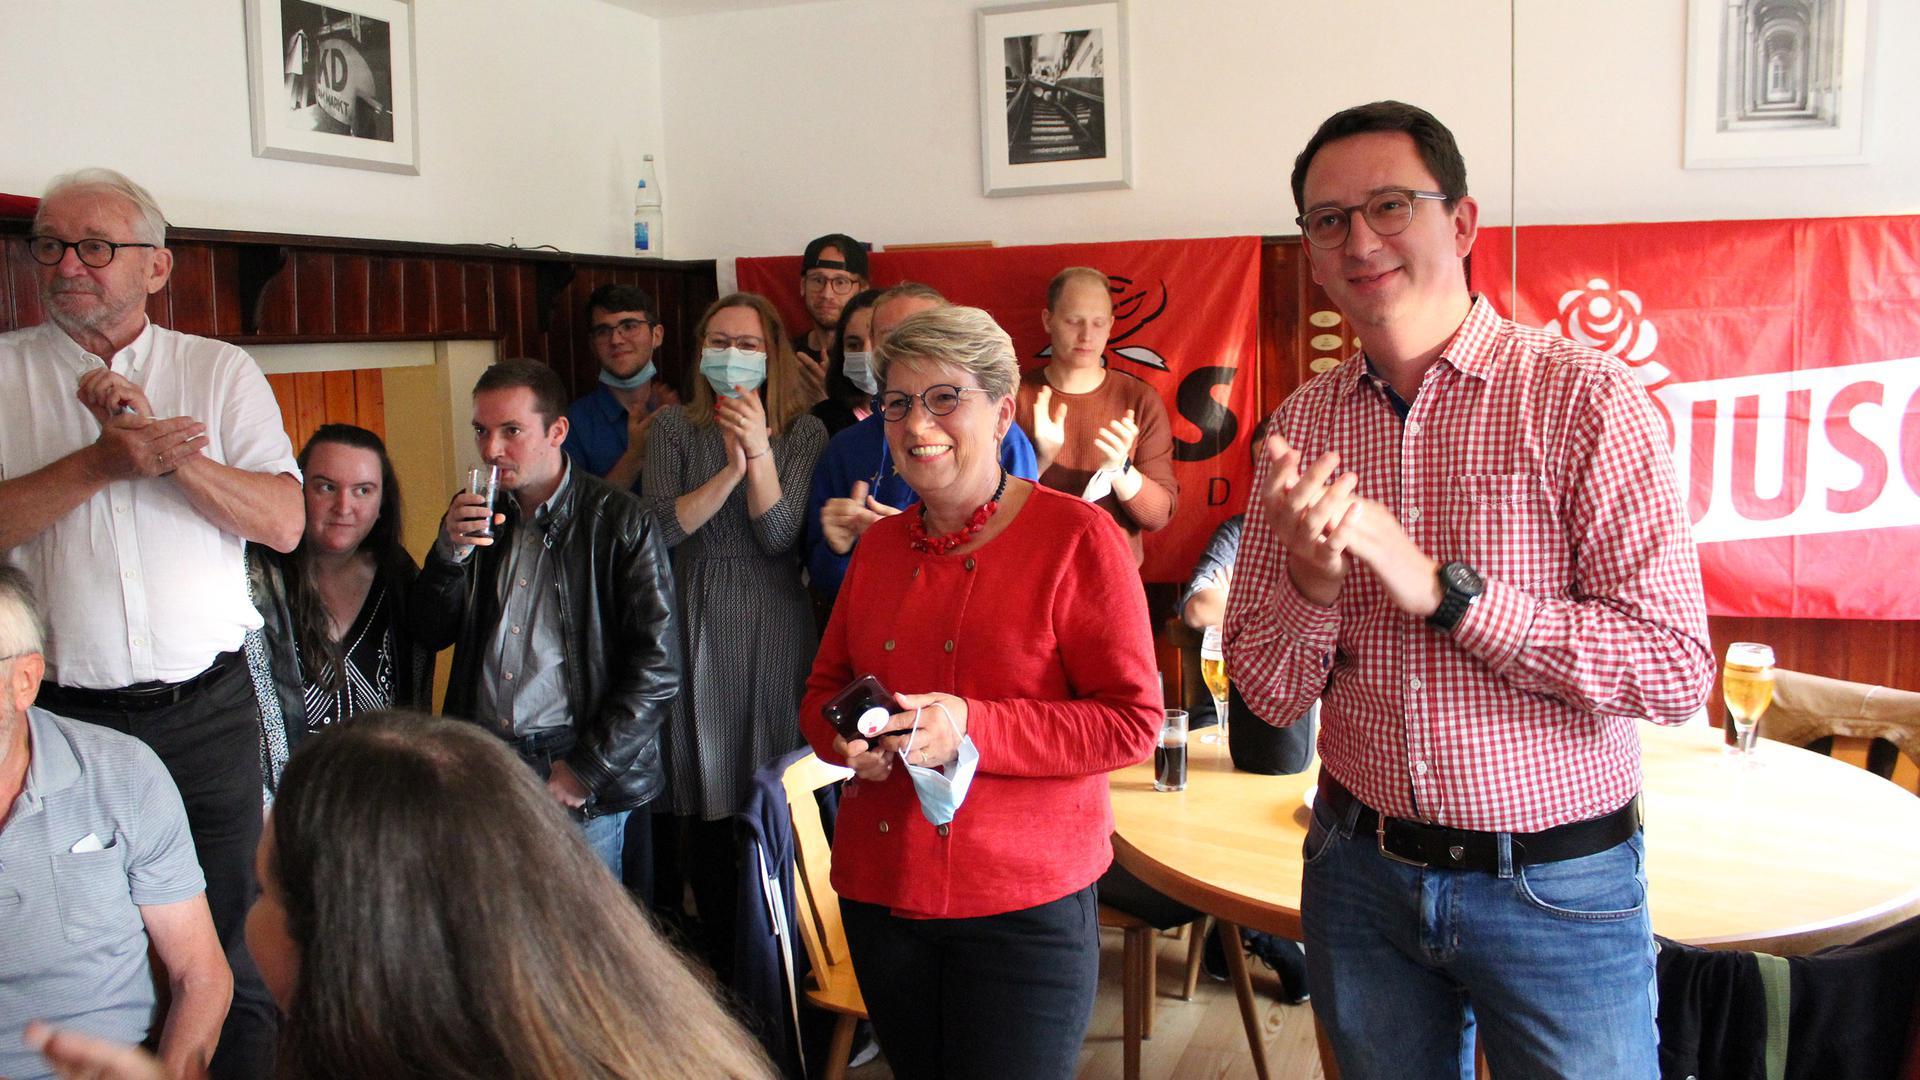 Bestens gelaunt: SPD-Bundestagsabgeordnete und Direktkandidatin Gabriele Katzmarek freut sich im Zay-Stübl zusammen mit dem Landtagsabgeordneten Jonas Weber über den Wahlerfolg der Sozialdemokraten.